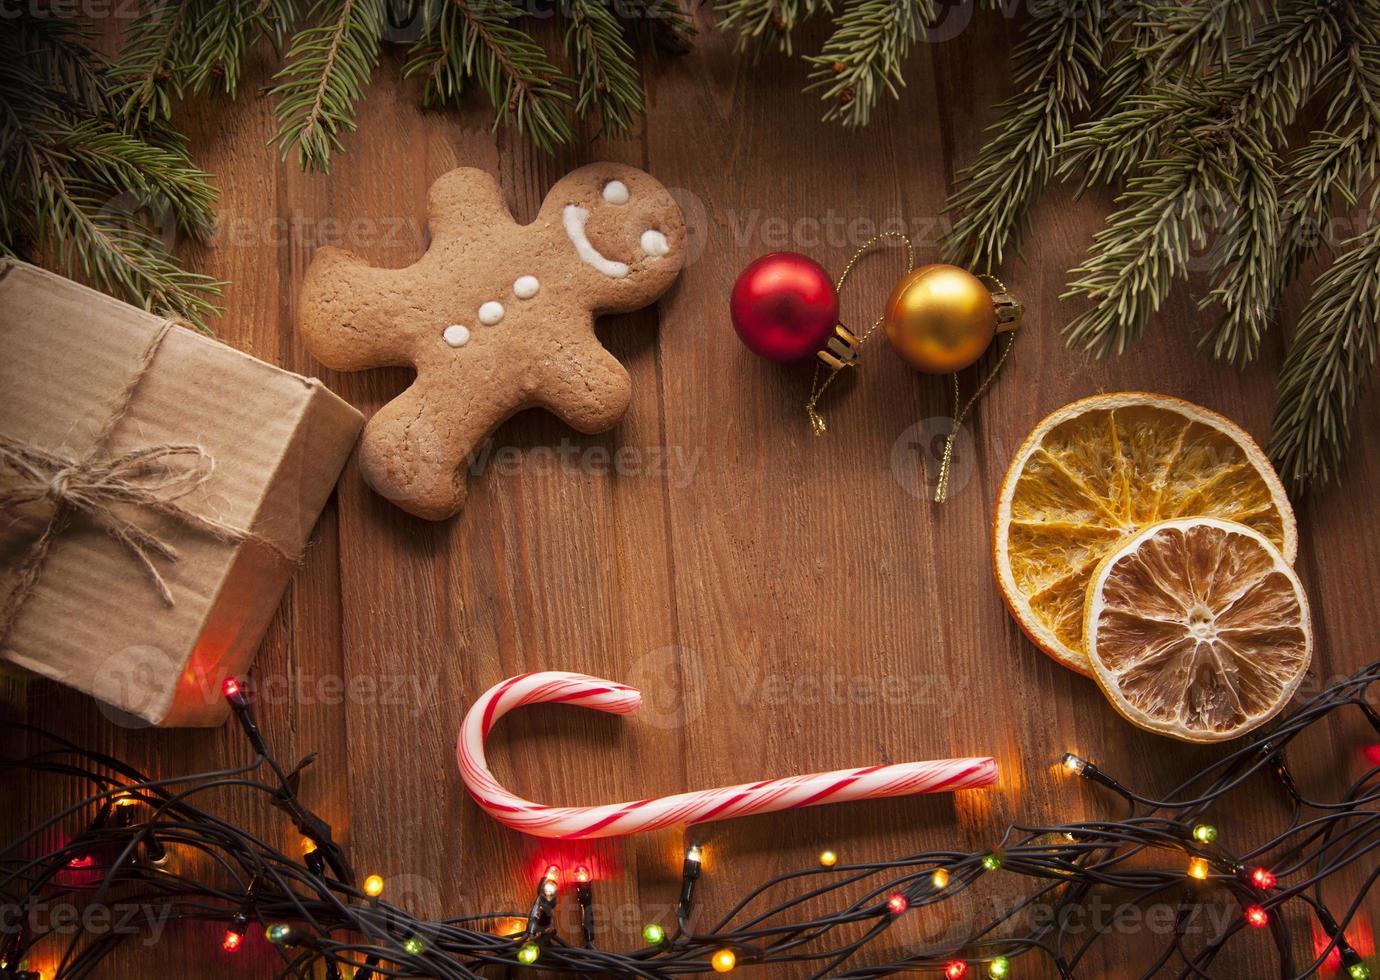 Lebkuchen Weihnachtsbaum und Geschenke auf dem Tisch foto